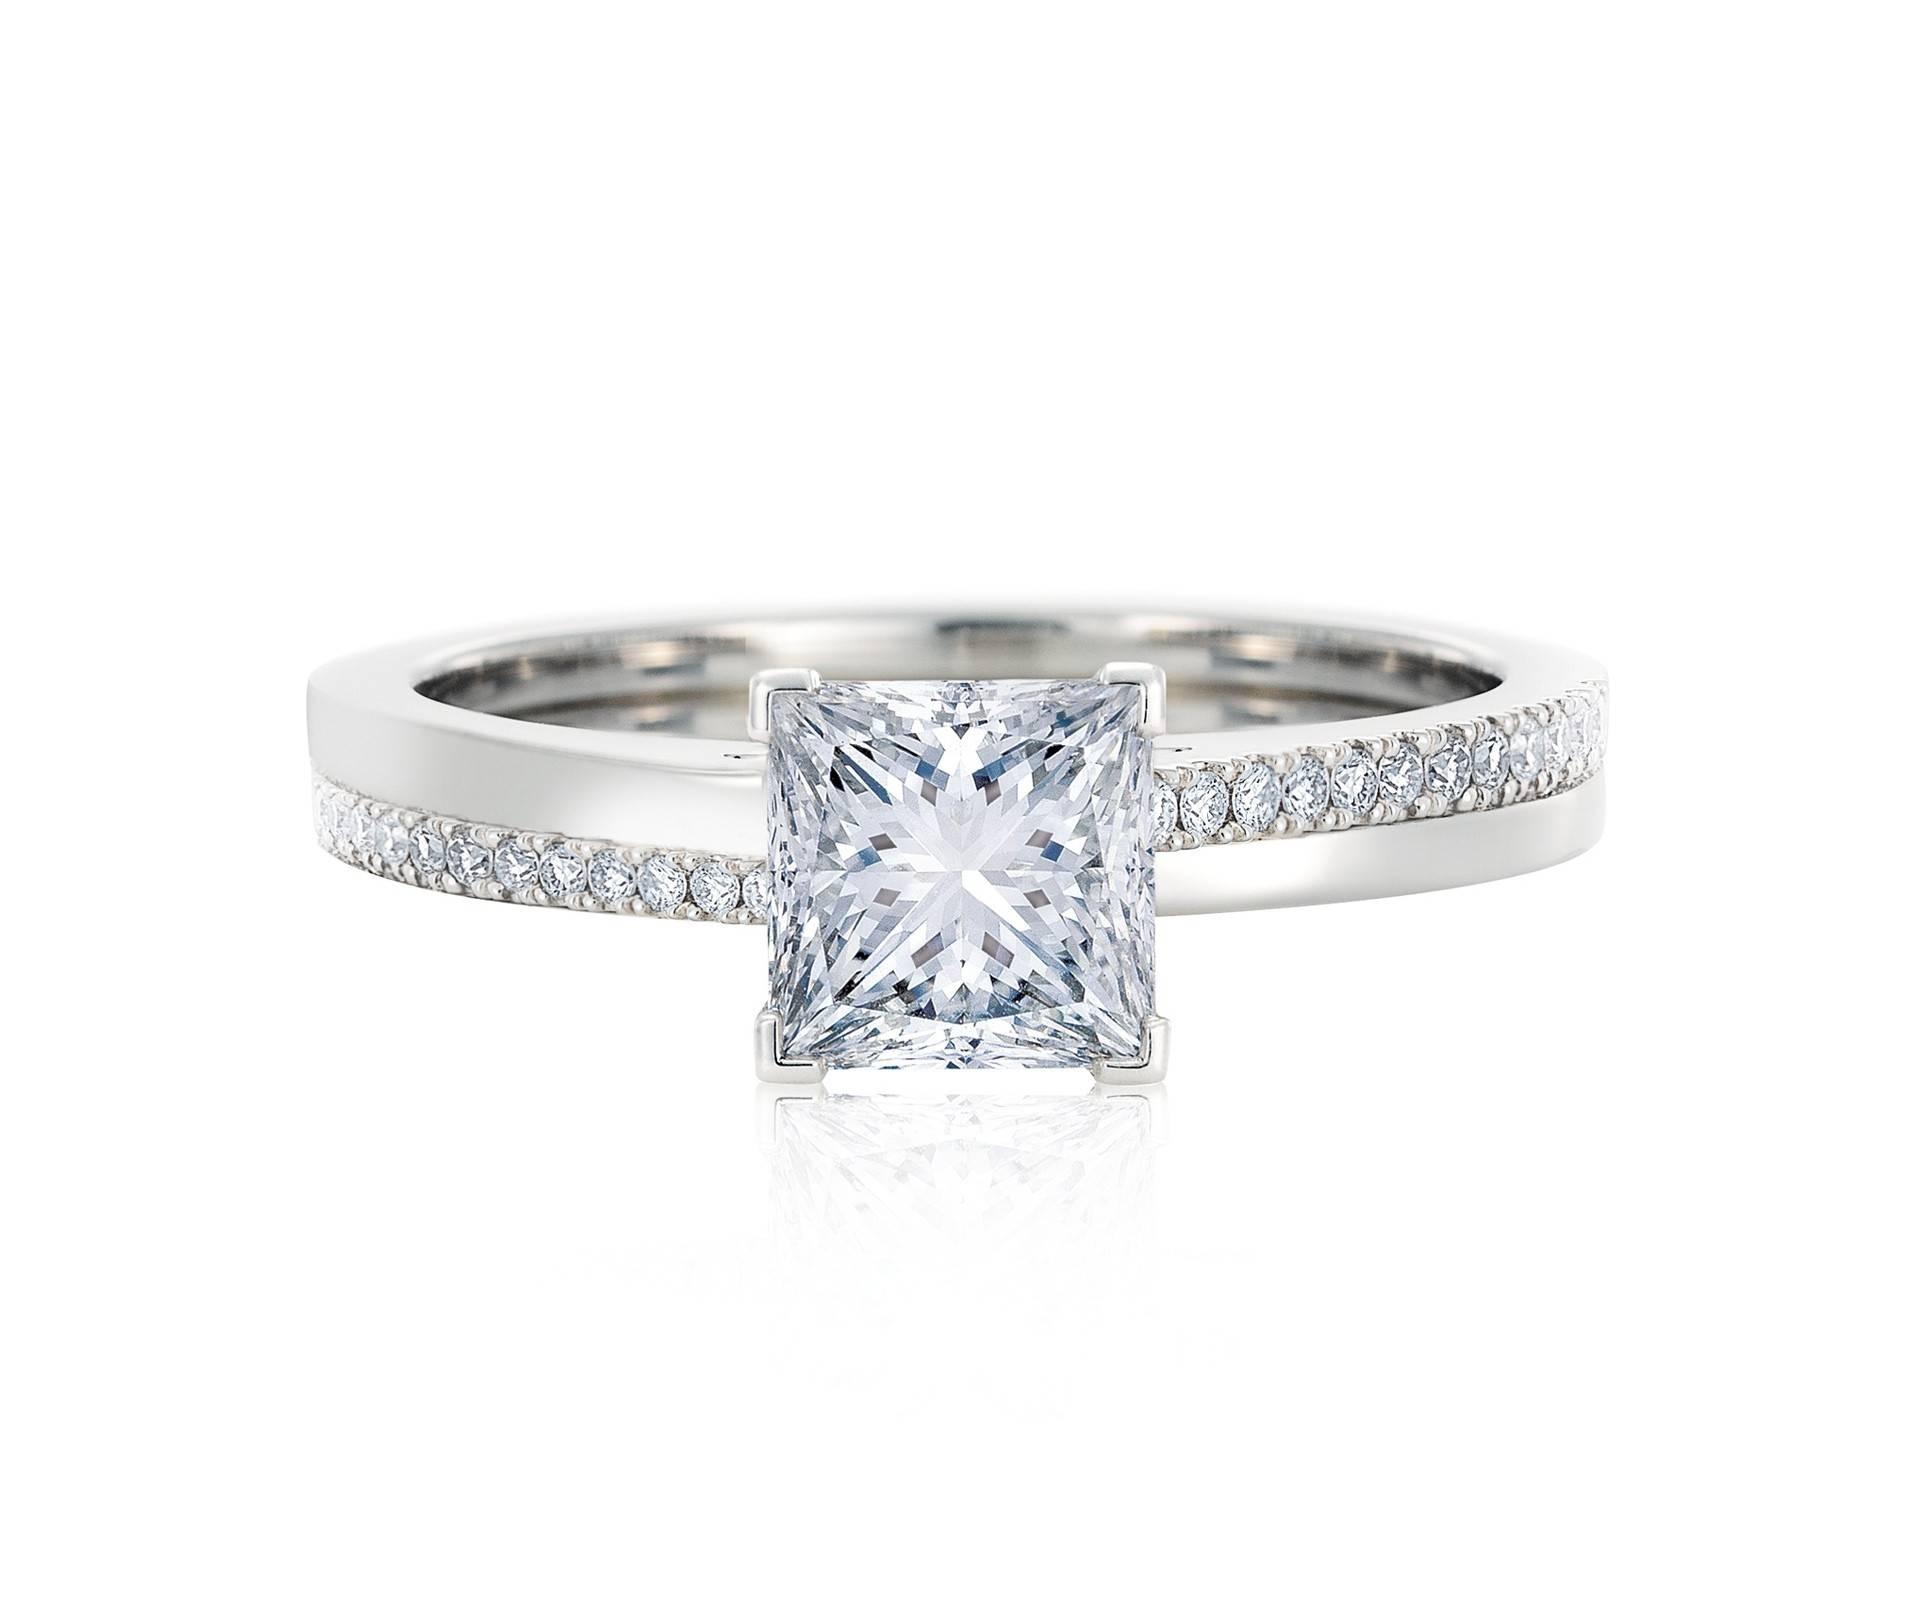 Diamond Engagement Rings & Promise Rings | De Beers Within Diamonds Engagement Rings (Gallery 4 of 15)